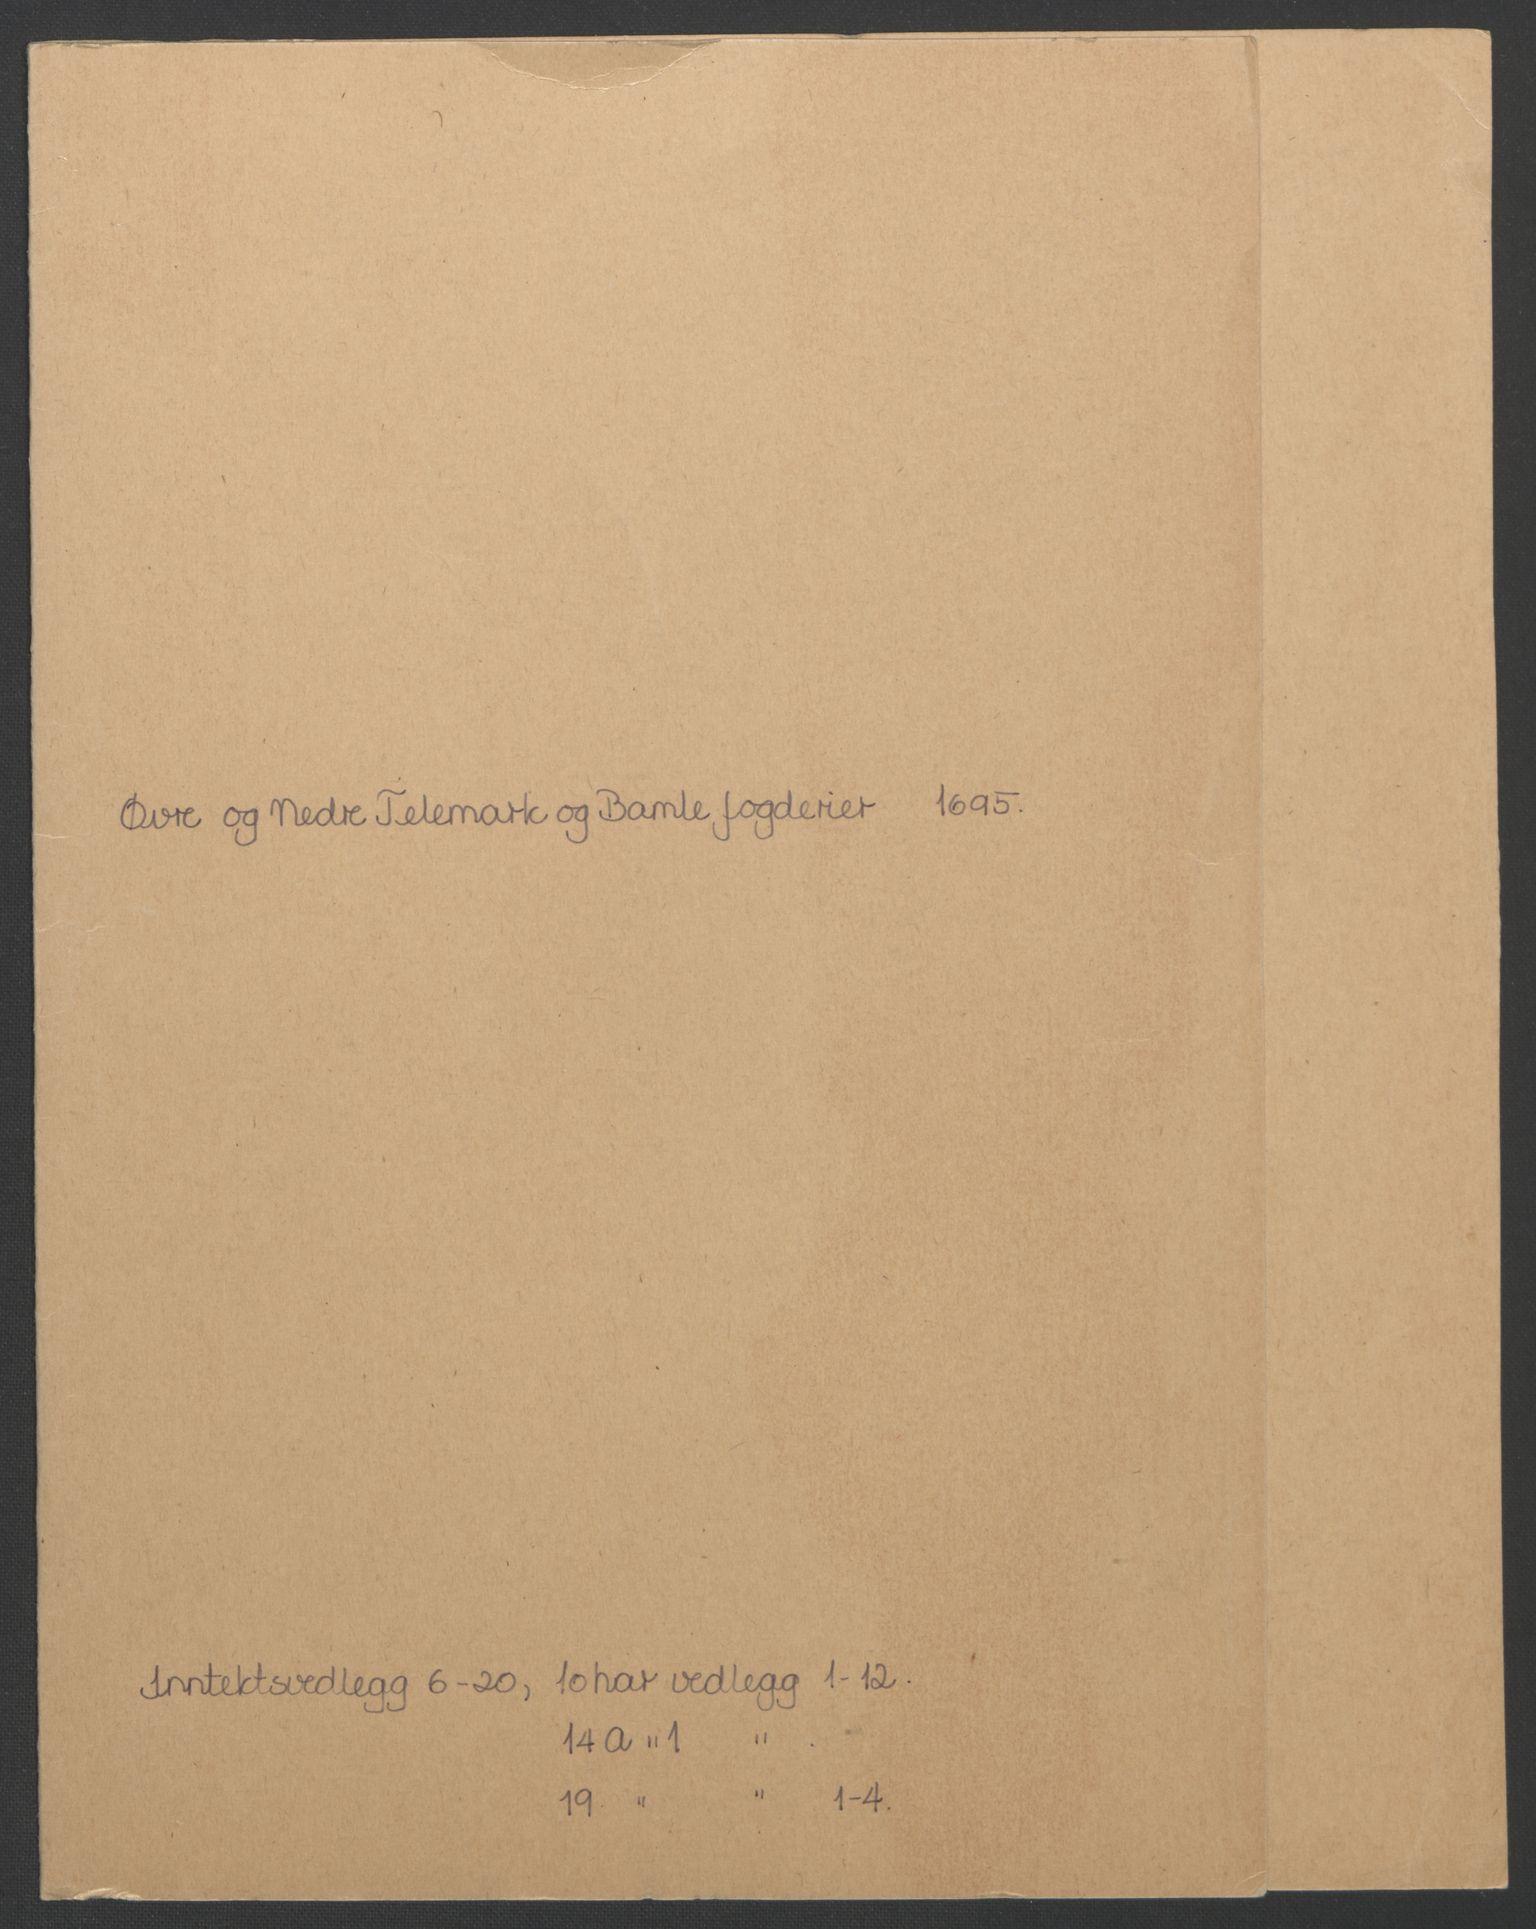 RA, Rentekammeret inntil 1814, Reviderte regnskaper, Fogderegnskap, R36/L2093: Fogderegnskap Øvre og Nedre Telemark og Bamble, 1695, s. 288